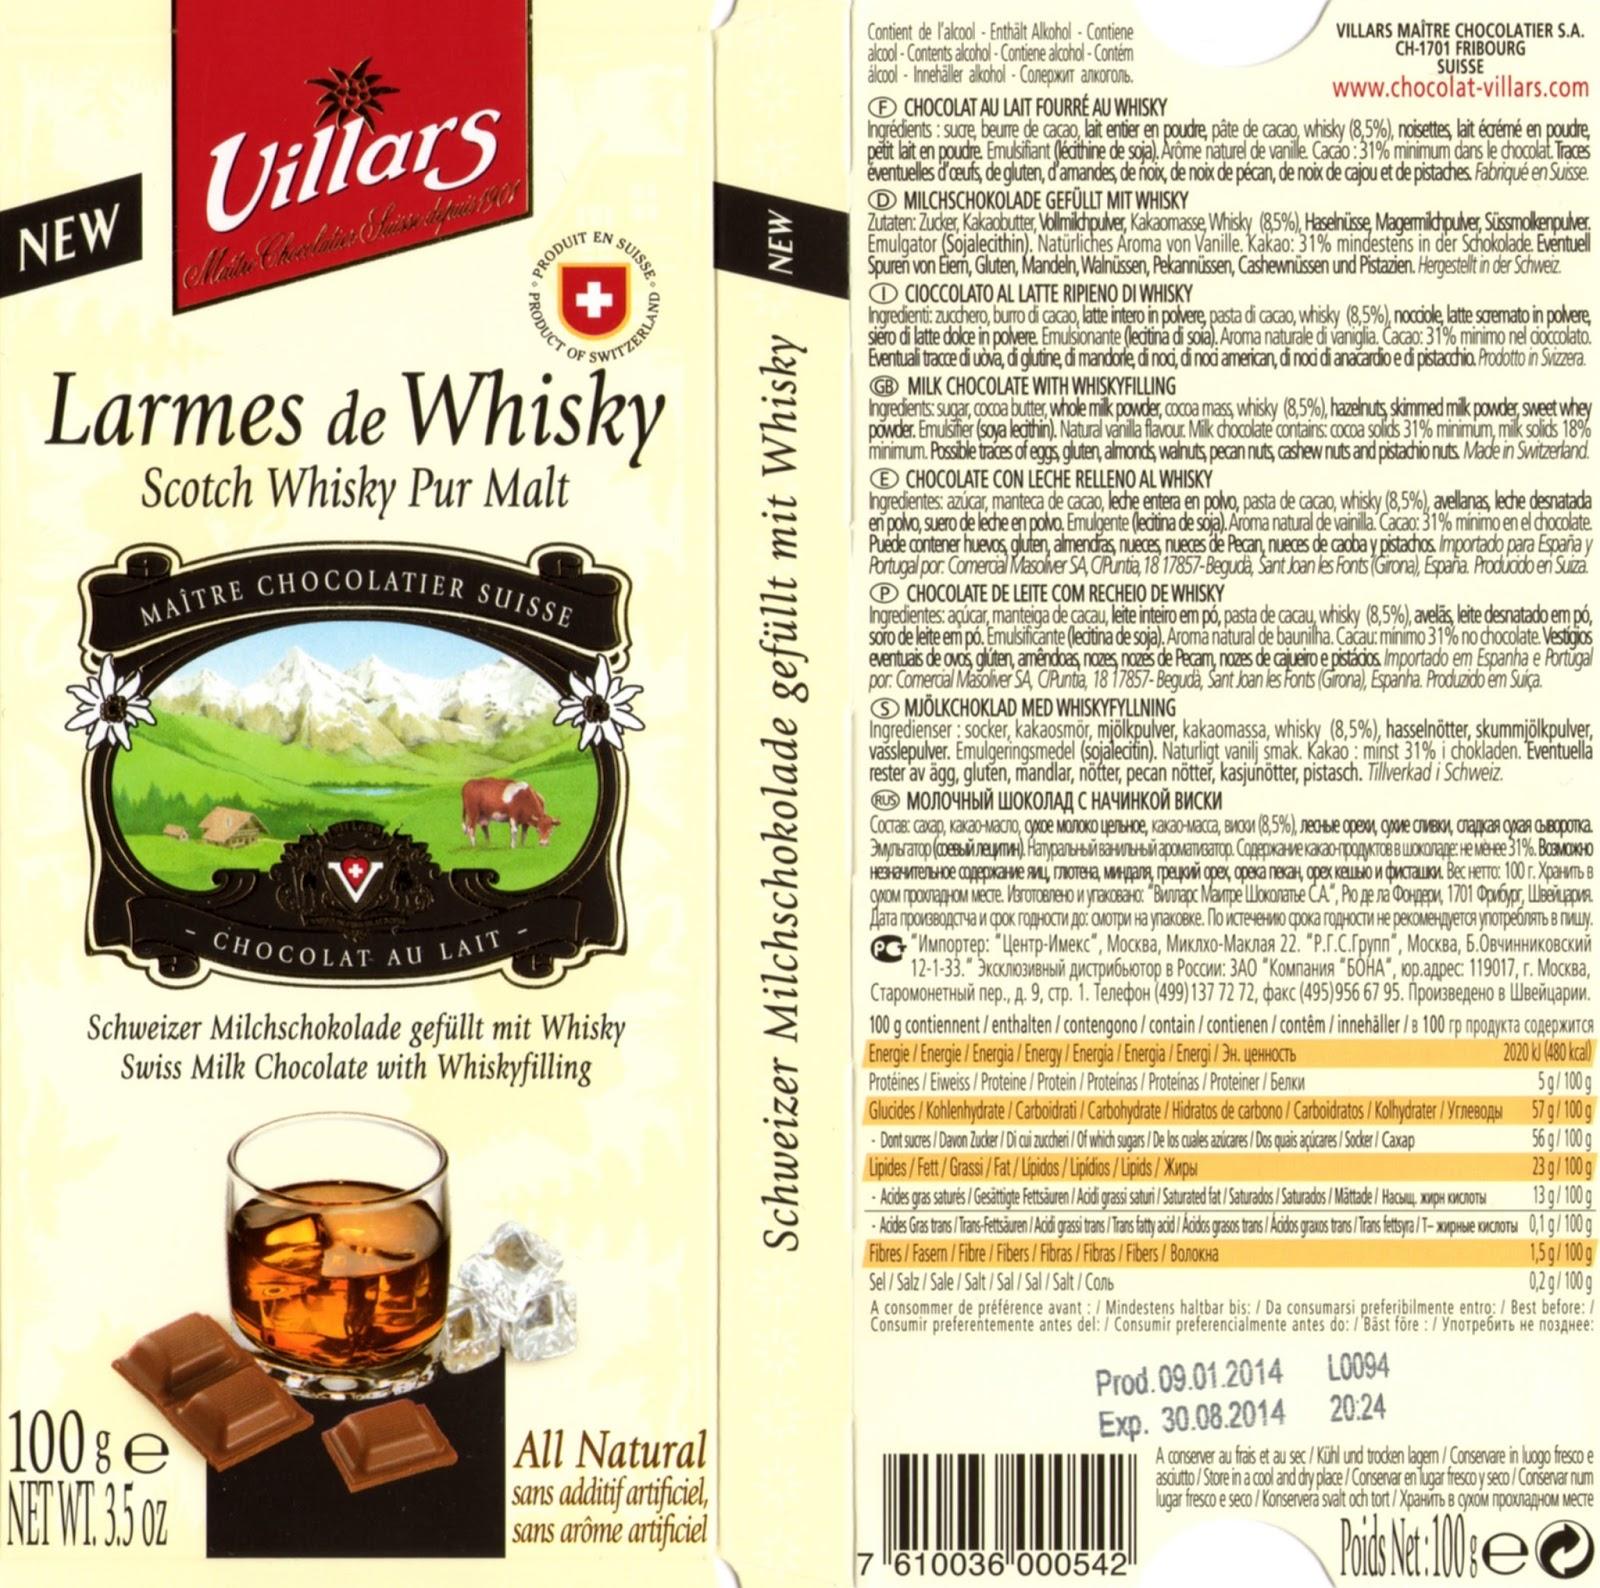 tablette de chocolat lait fourré villars lait larmes de whisky